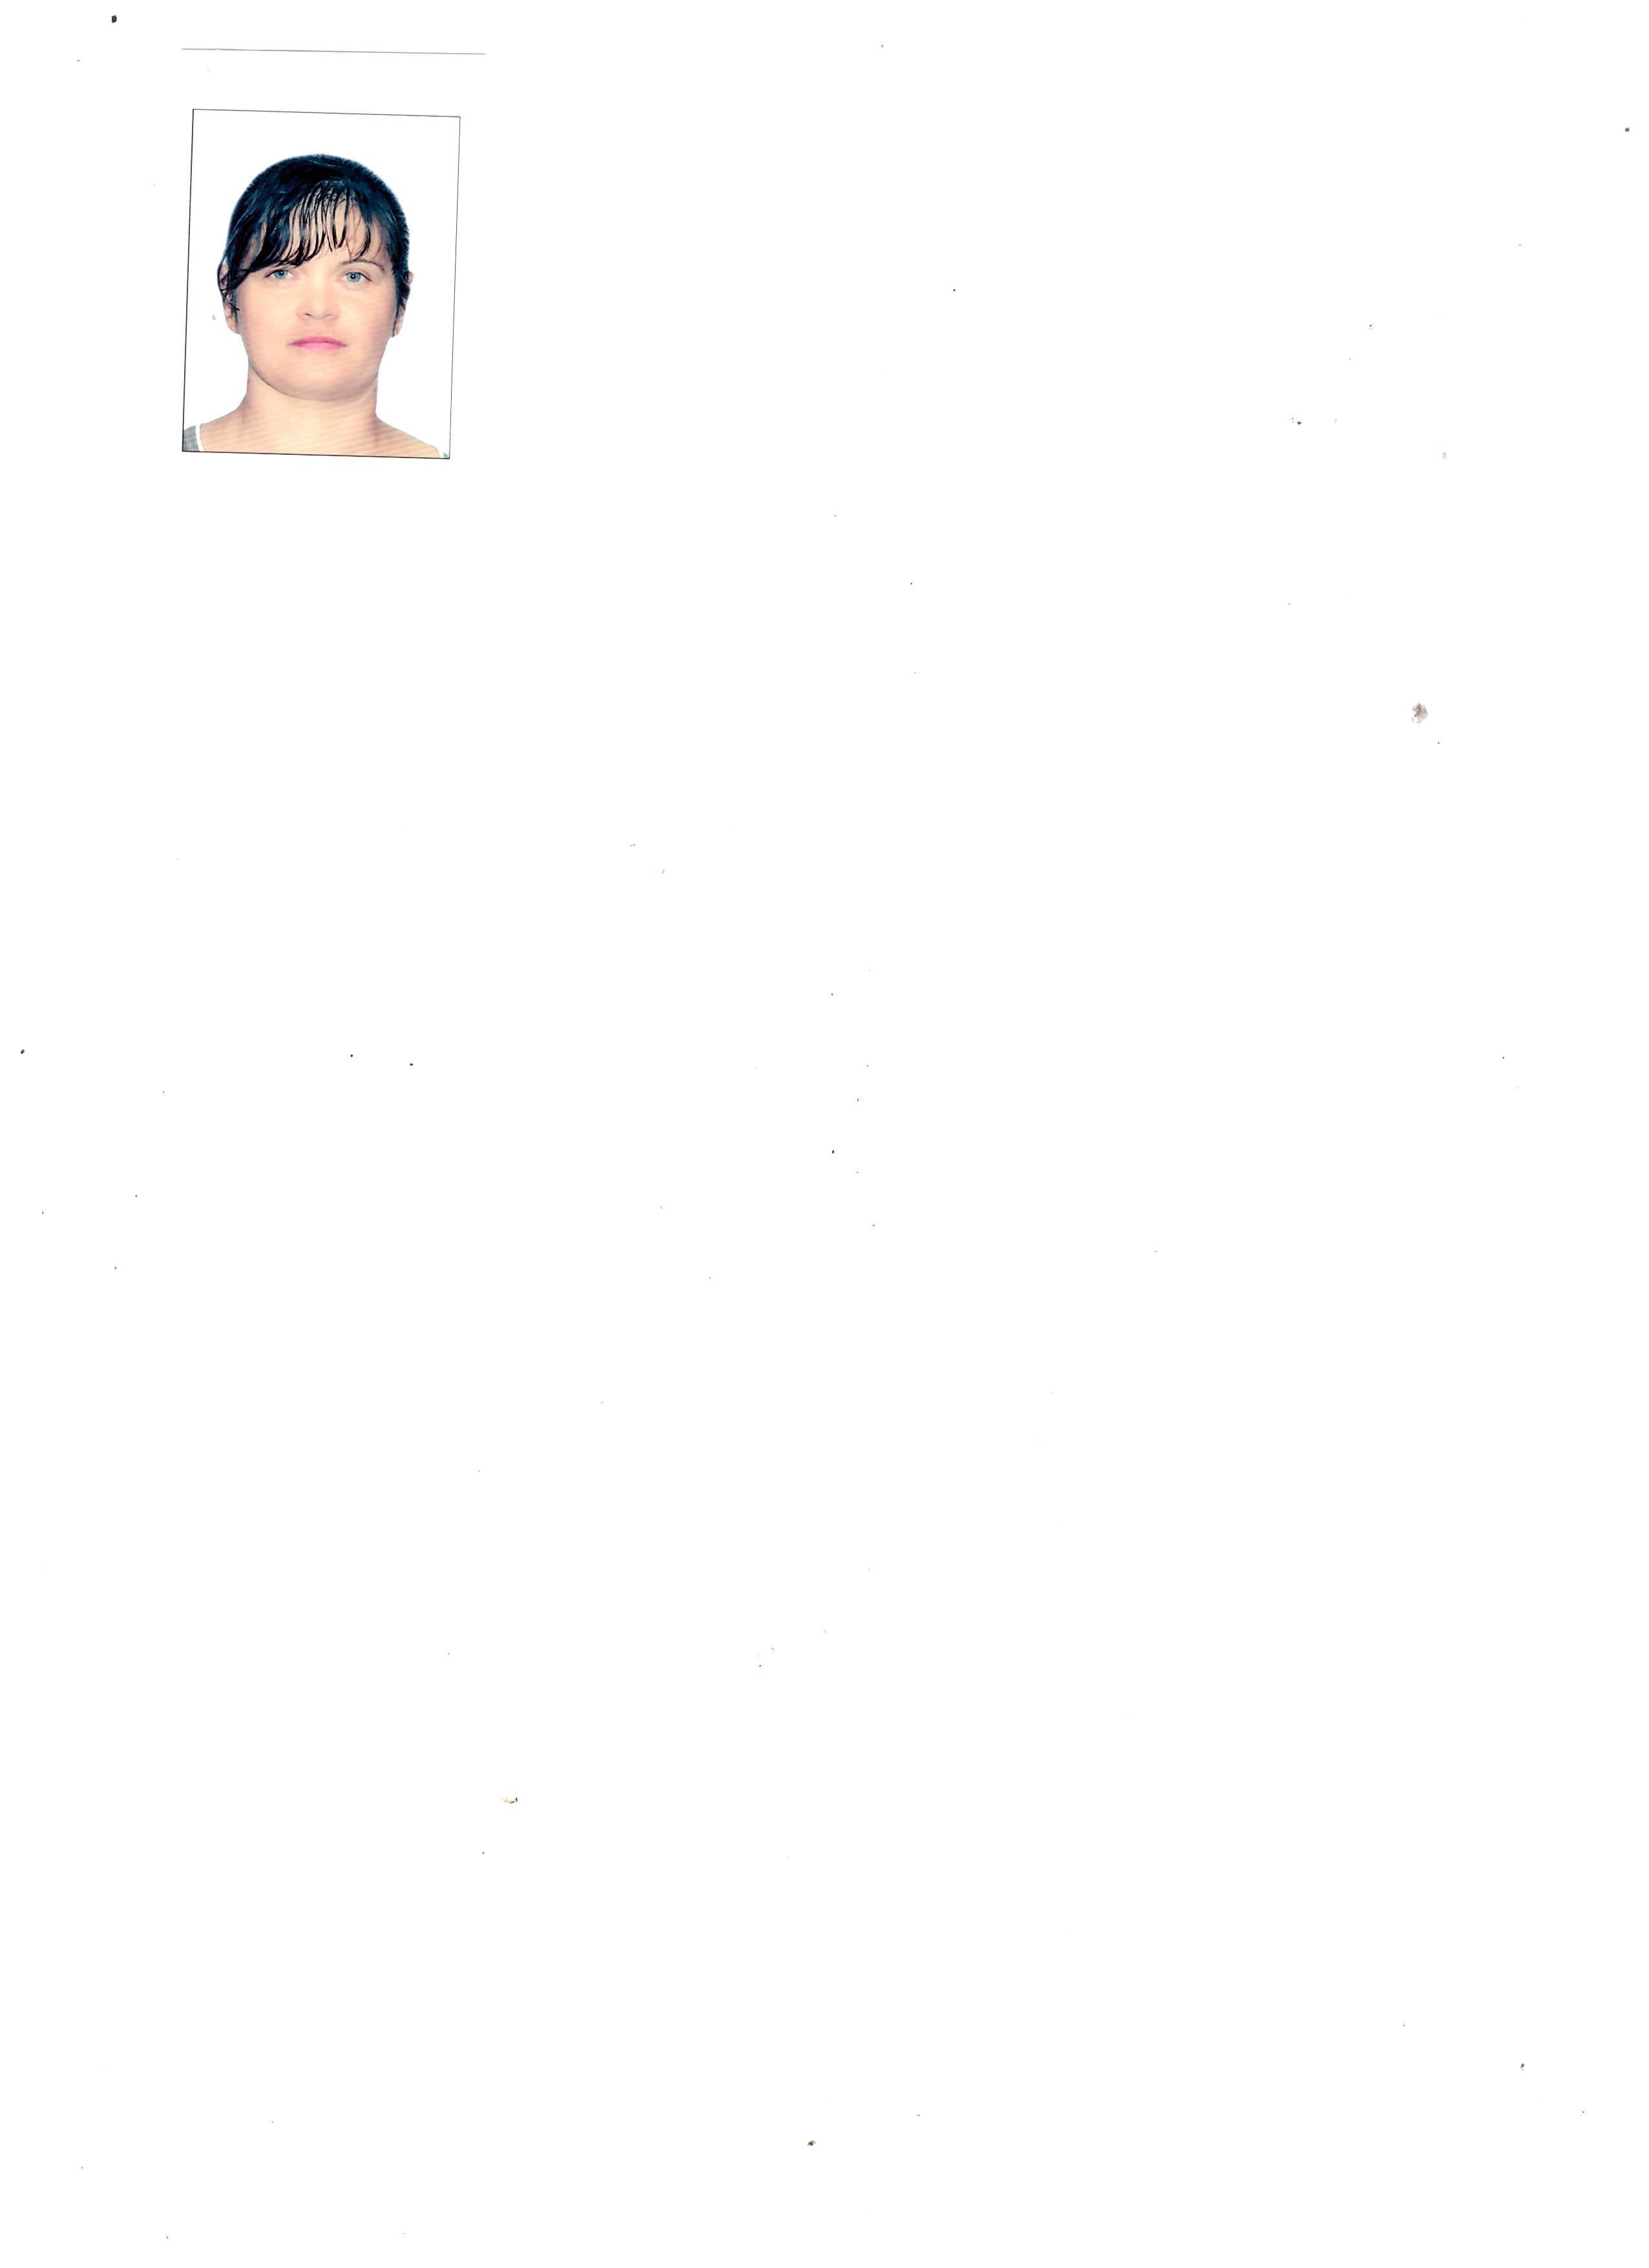 Опис : C:UsersUser1Desktopдепутати фотоФото кандидатівКандидати в  депутатиОкруг 7Громак Валентина Володимирівна.jpg